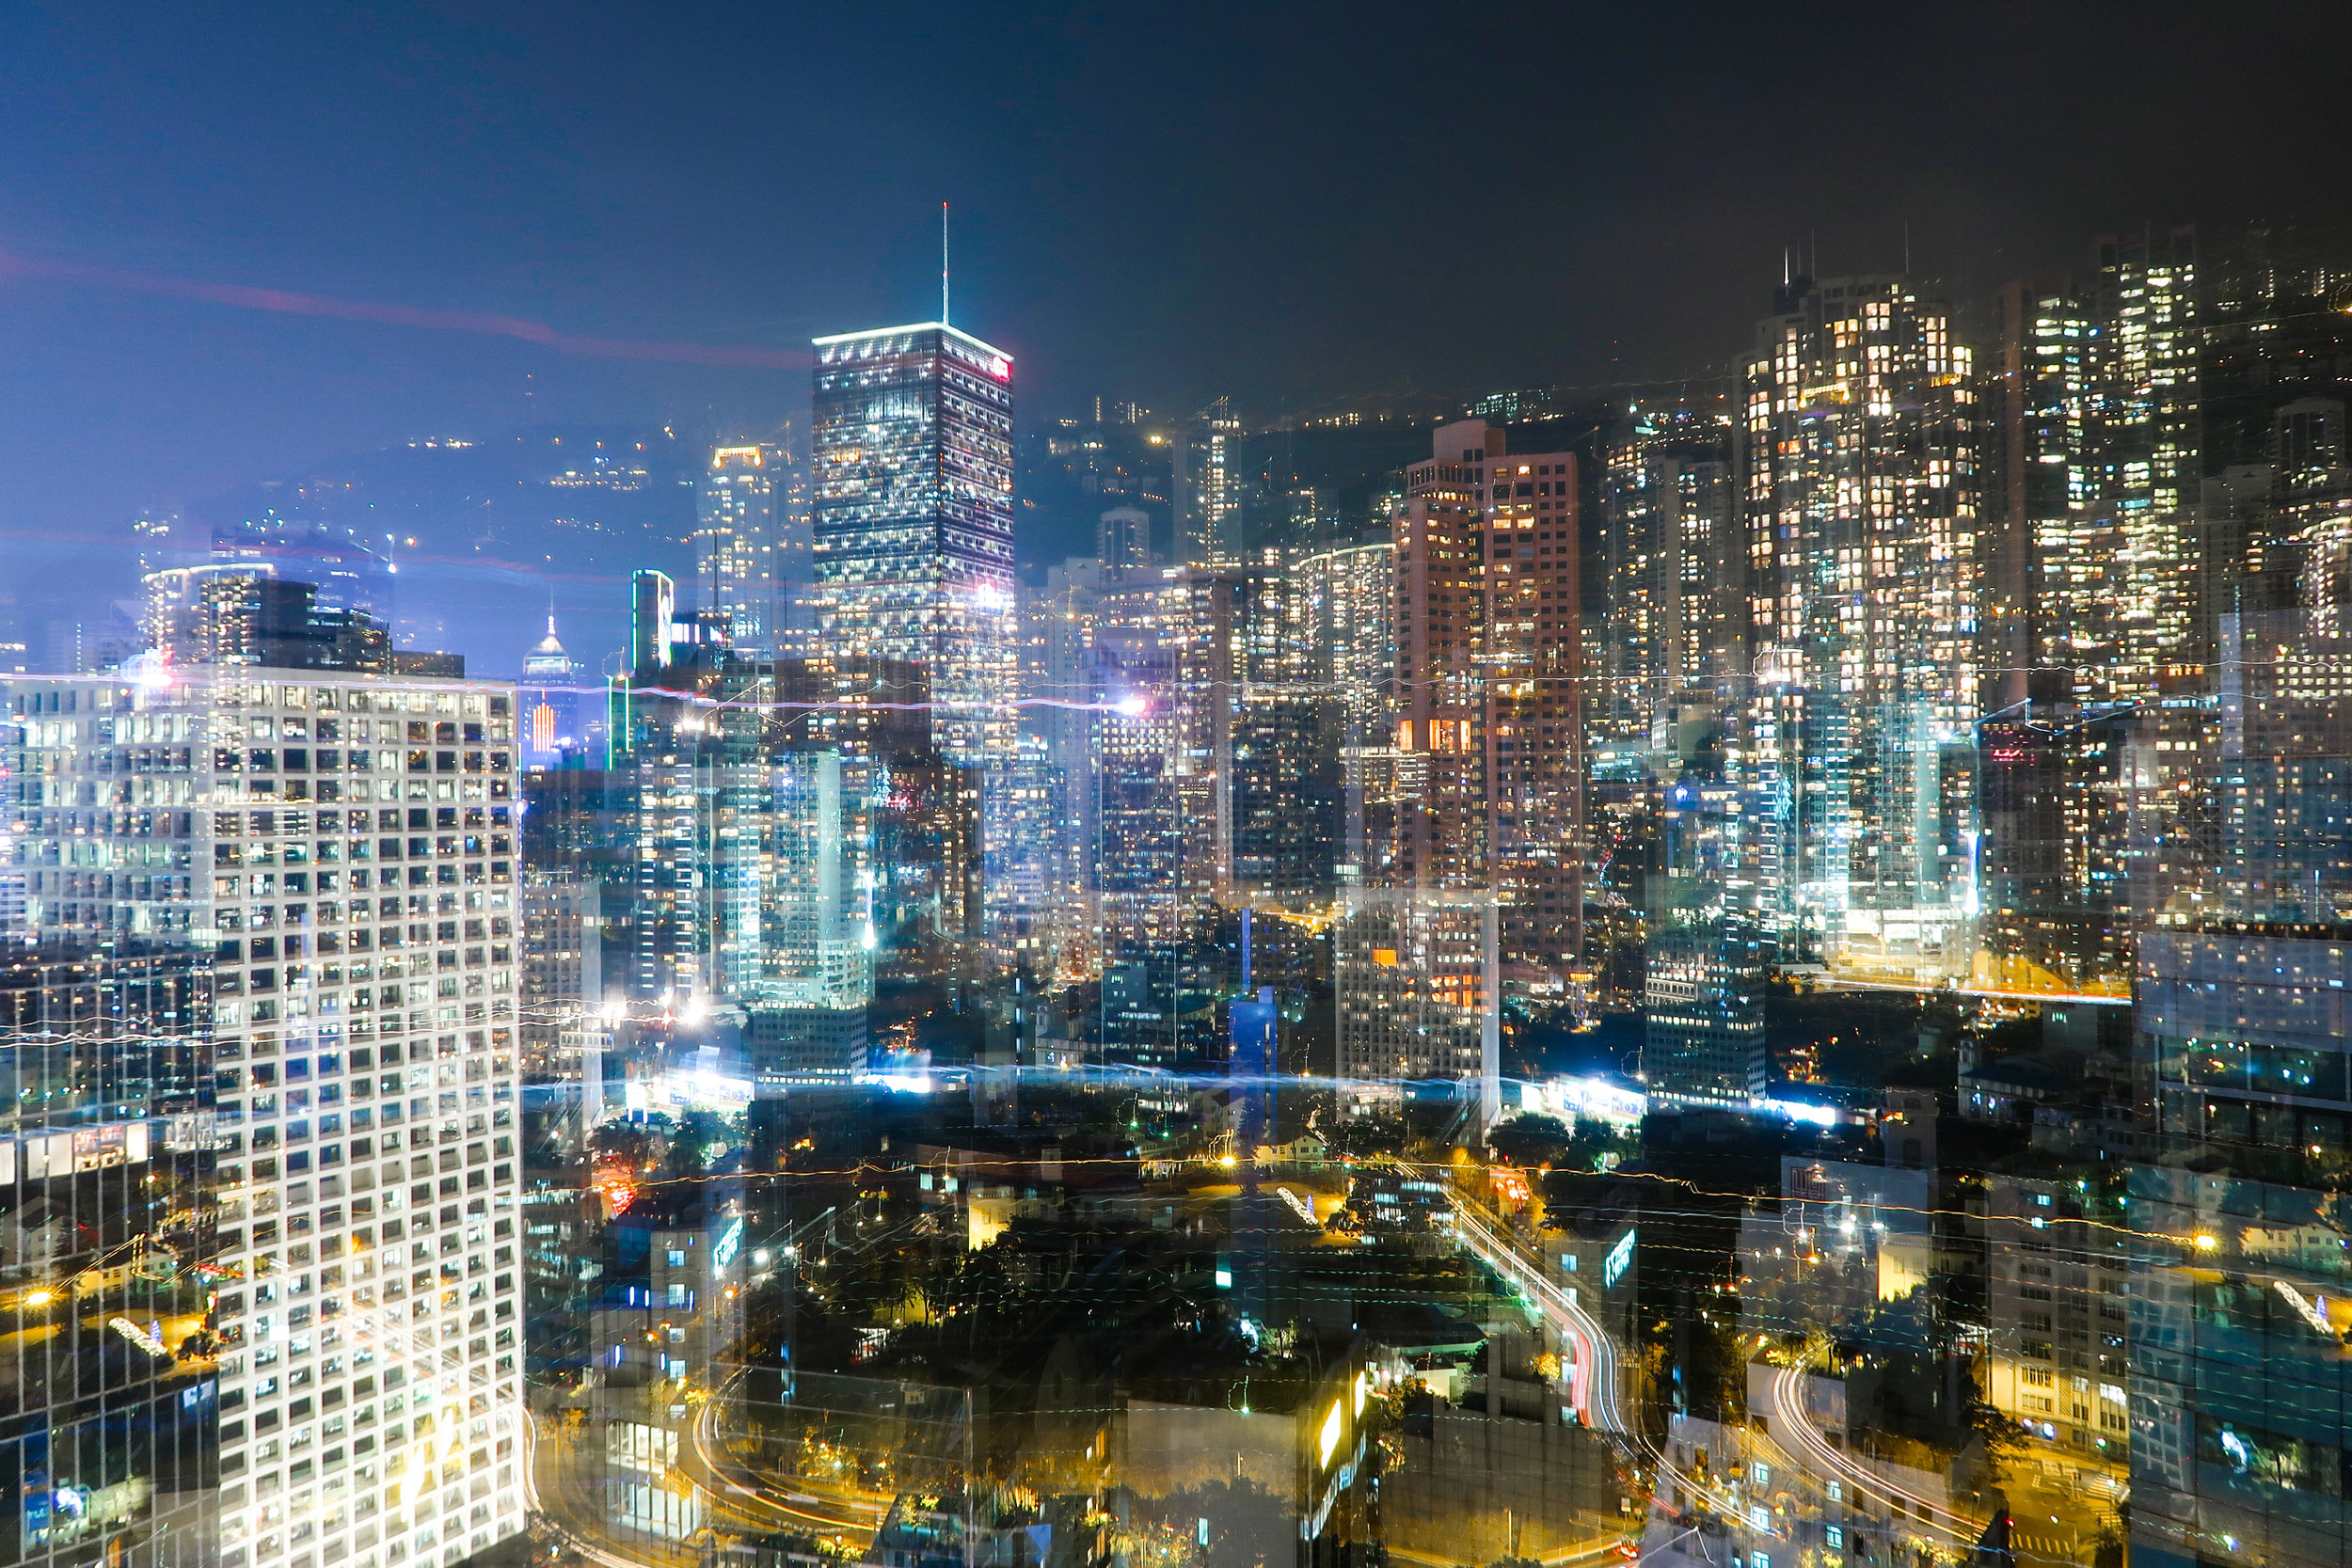 Hong Kong at Night, 2017